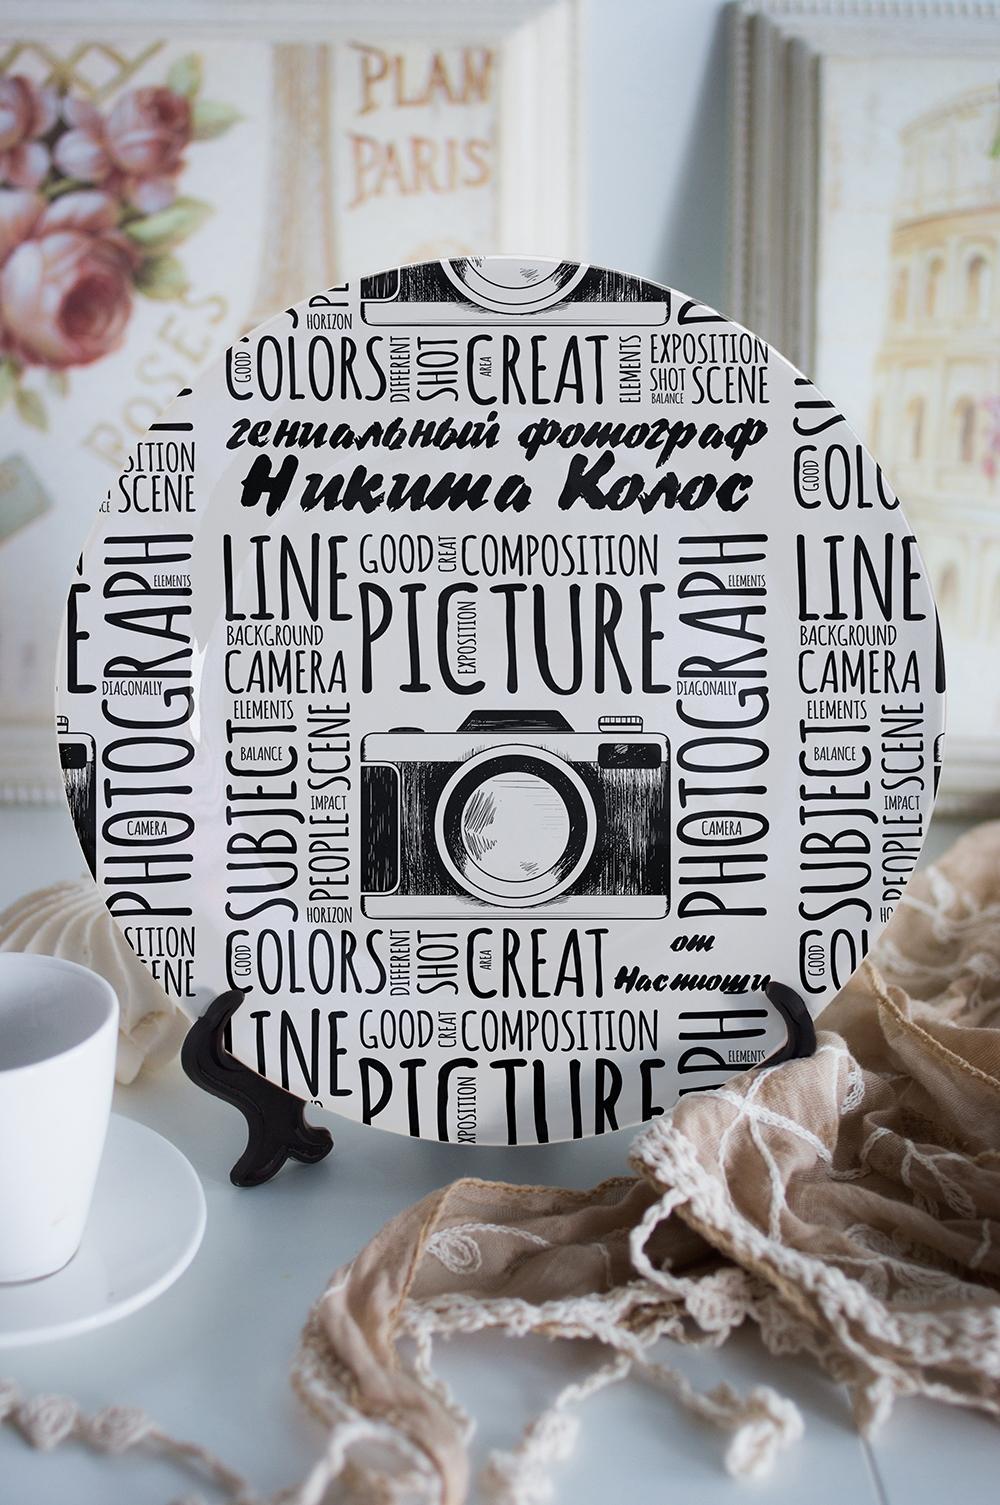 Тарелка декоративная с вашим текстом ФотографуПосуда<br>Подарите необыкновенный сувенир с индивидуальной надписью и именем – такая декоративная тарелка станет эксклюзивным украшением для интерьера и незабываемым подарком! Выберите понравившийся фон, впишите любимую фразу, имя получателя. Диаметр 20см<br>